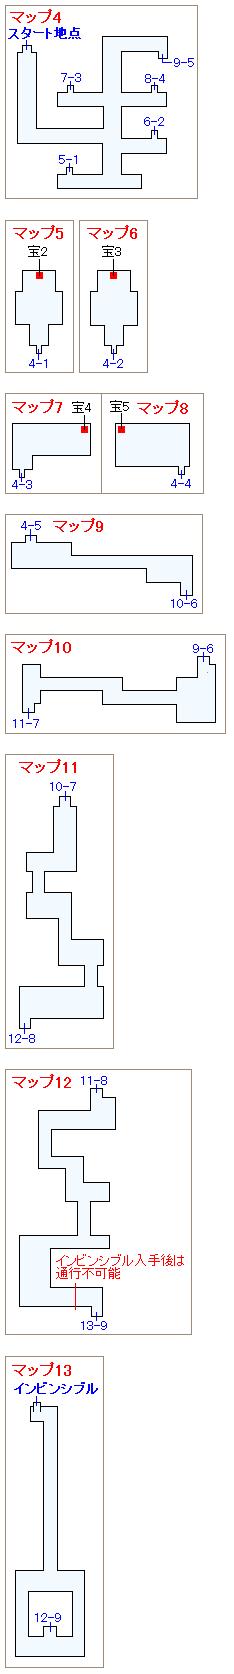 ストーリー攻略マップ・古代遺跡(3)